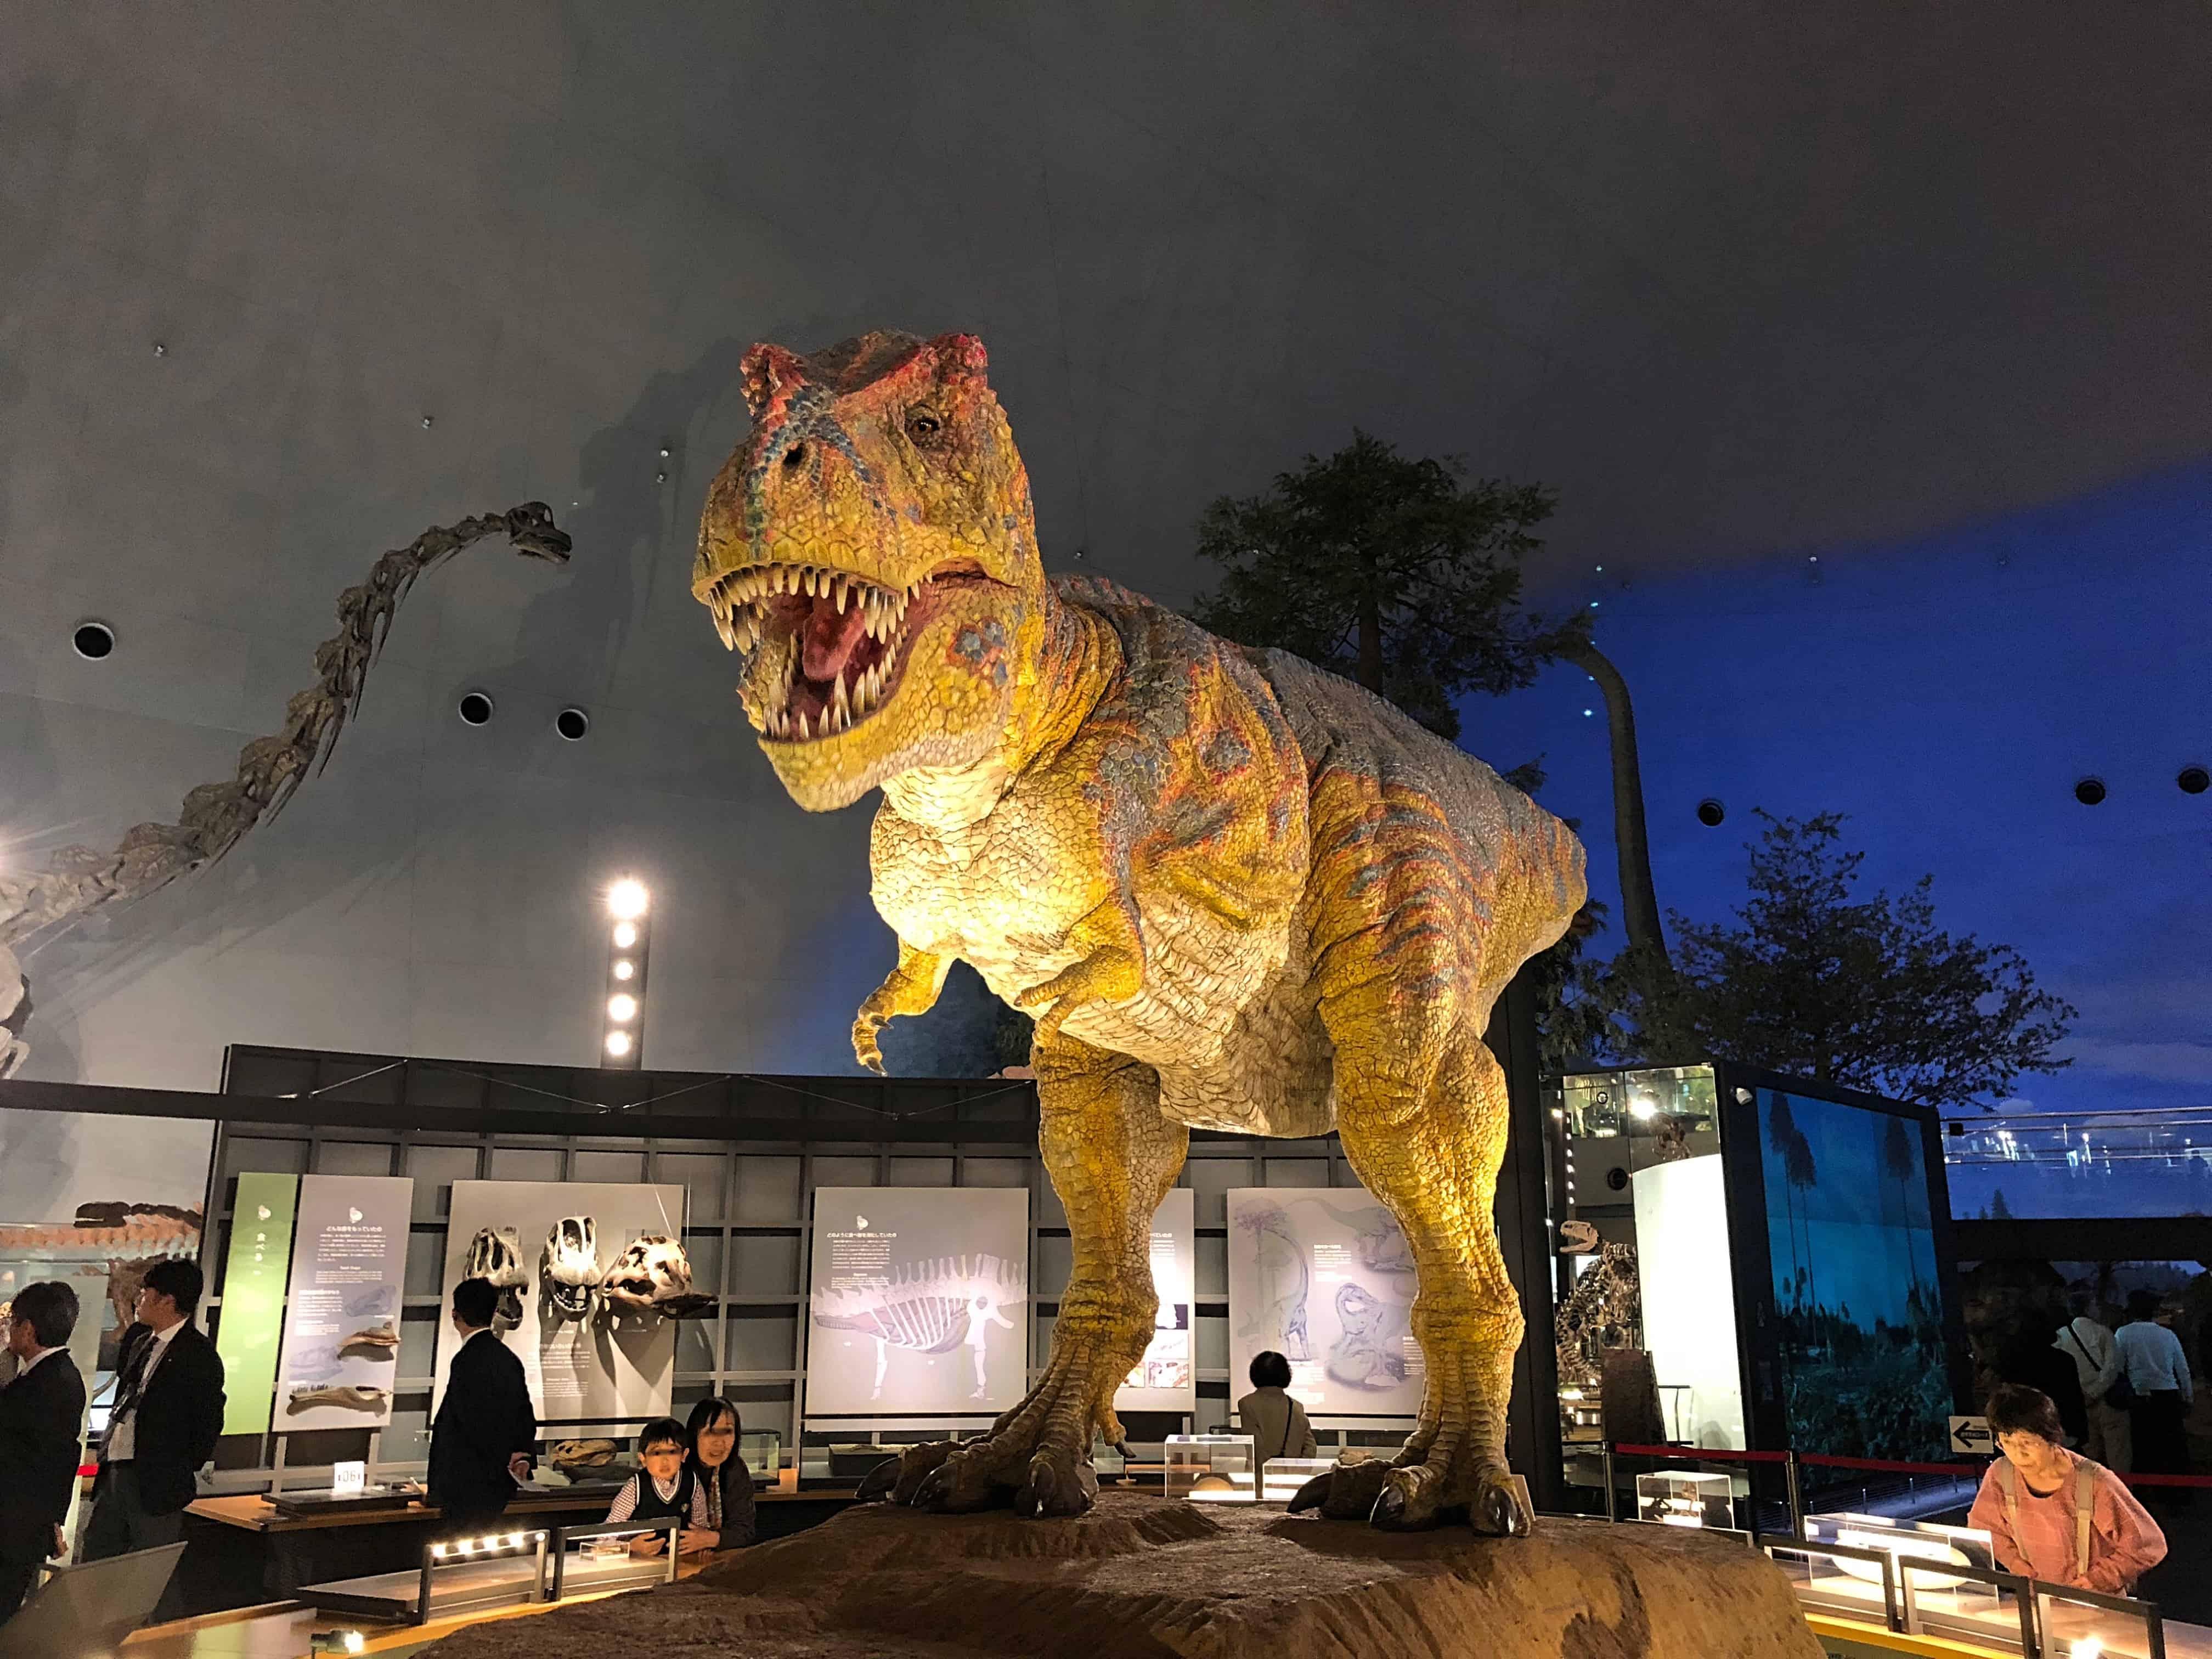 พิพิธภัณฑ์ไดโนเสาร์แห่งจังหวัดฟุกุอิ (Fukui Prefectural Dinosaur Museum : 福井県立恐竜博物館)